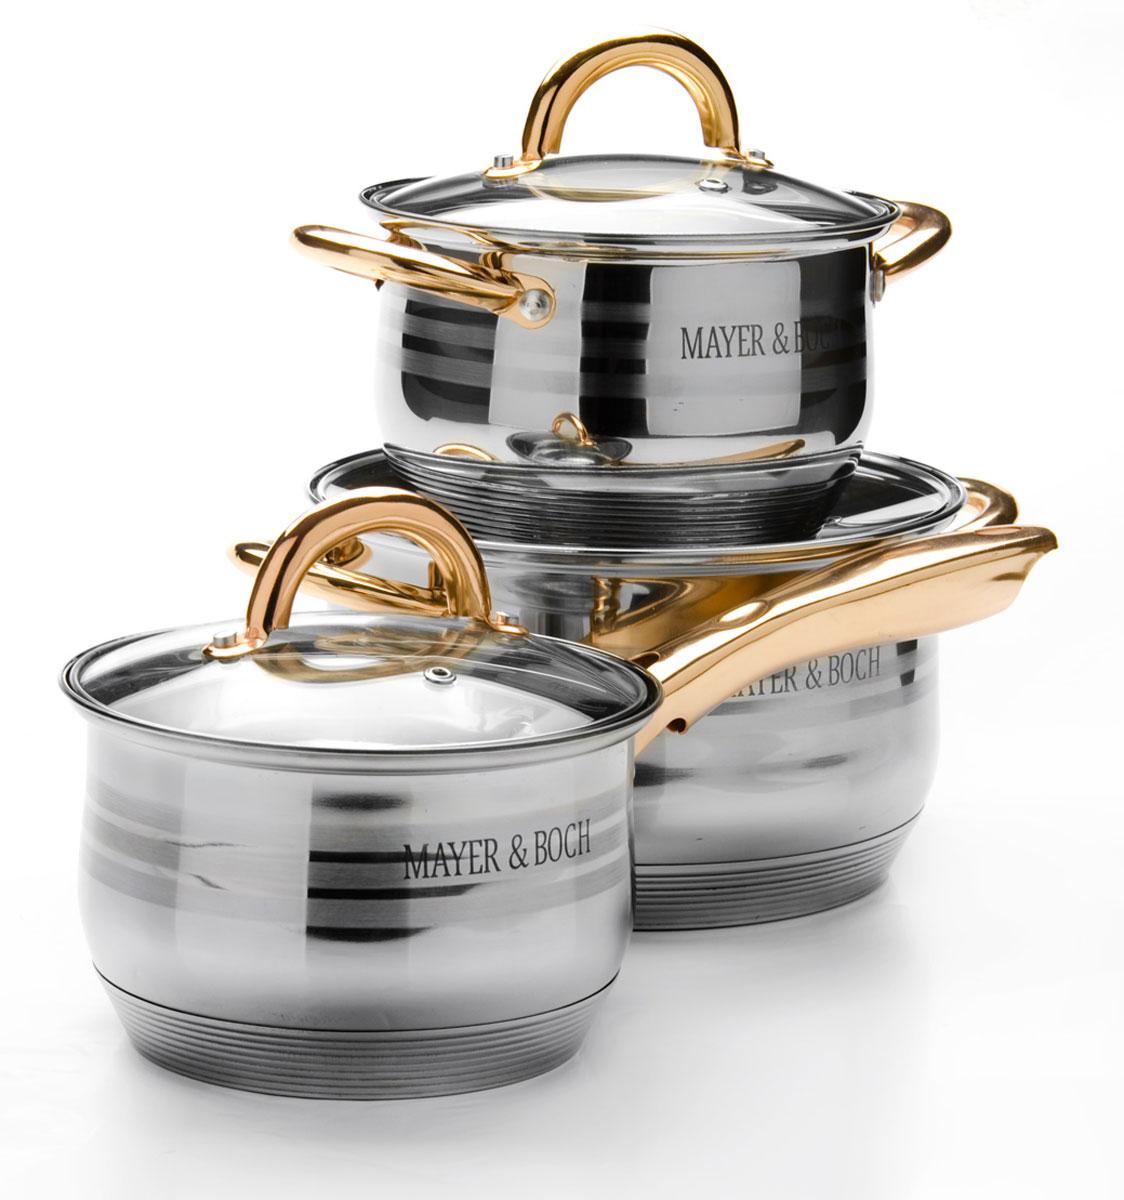 Набор посуды Mayer & Boch, 6 предметов. 2567225672Набор посуды Mayer & Boch состоит из трех кастрюль с крышками. Изделия выполнены из высококачественной многослойной нержавеющей стали 18/10 с зеркальной и матовой полировкой. Этот набор посуды предназначен для здорового и экологичного приготовления пищи. Кастрюли имеют многослойное капсульное дно с алюминиевым основанием, которое быстро и равномерно накапливает тепло и также равномерно передает его пище. Внутренняя поверхность идеально ровная, что значительно облегчает мытье. Крышки, выполненные из термостойкого стекла, имеют отверстие для пара и металлический обод. Крышки плотно прилегают к краям посуды, предотвращая проливание жидкости и сохраняя аромат блюд. Также изделия снабжены эргономичными ручками из стали. Можно использовать на всех типах плит, включая индукционные. Можно мыть в посудомоечной машине. Объем кастрюль: 2,1 л, 2,1 л, 3,9 л. Диаметр кастрюль: 16 см, 16 см, 20 см. Высота стенок кастрюль: 10,5 см, 12,5...